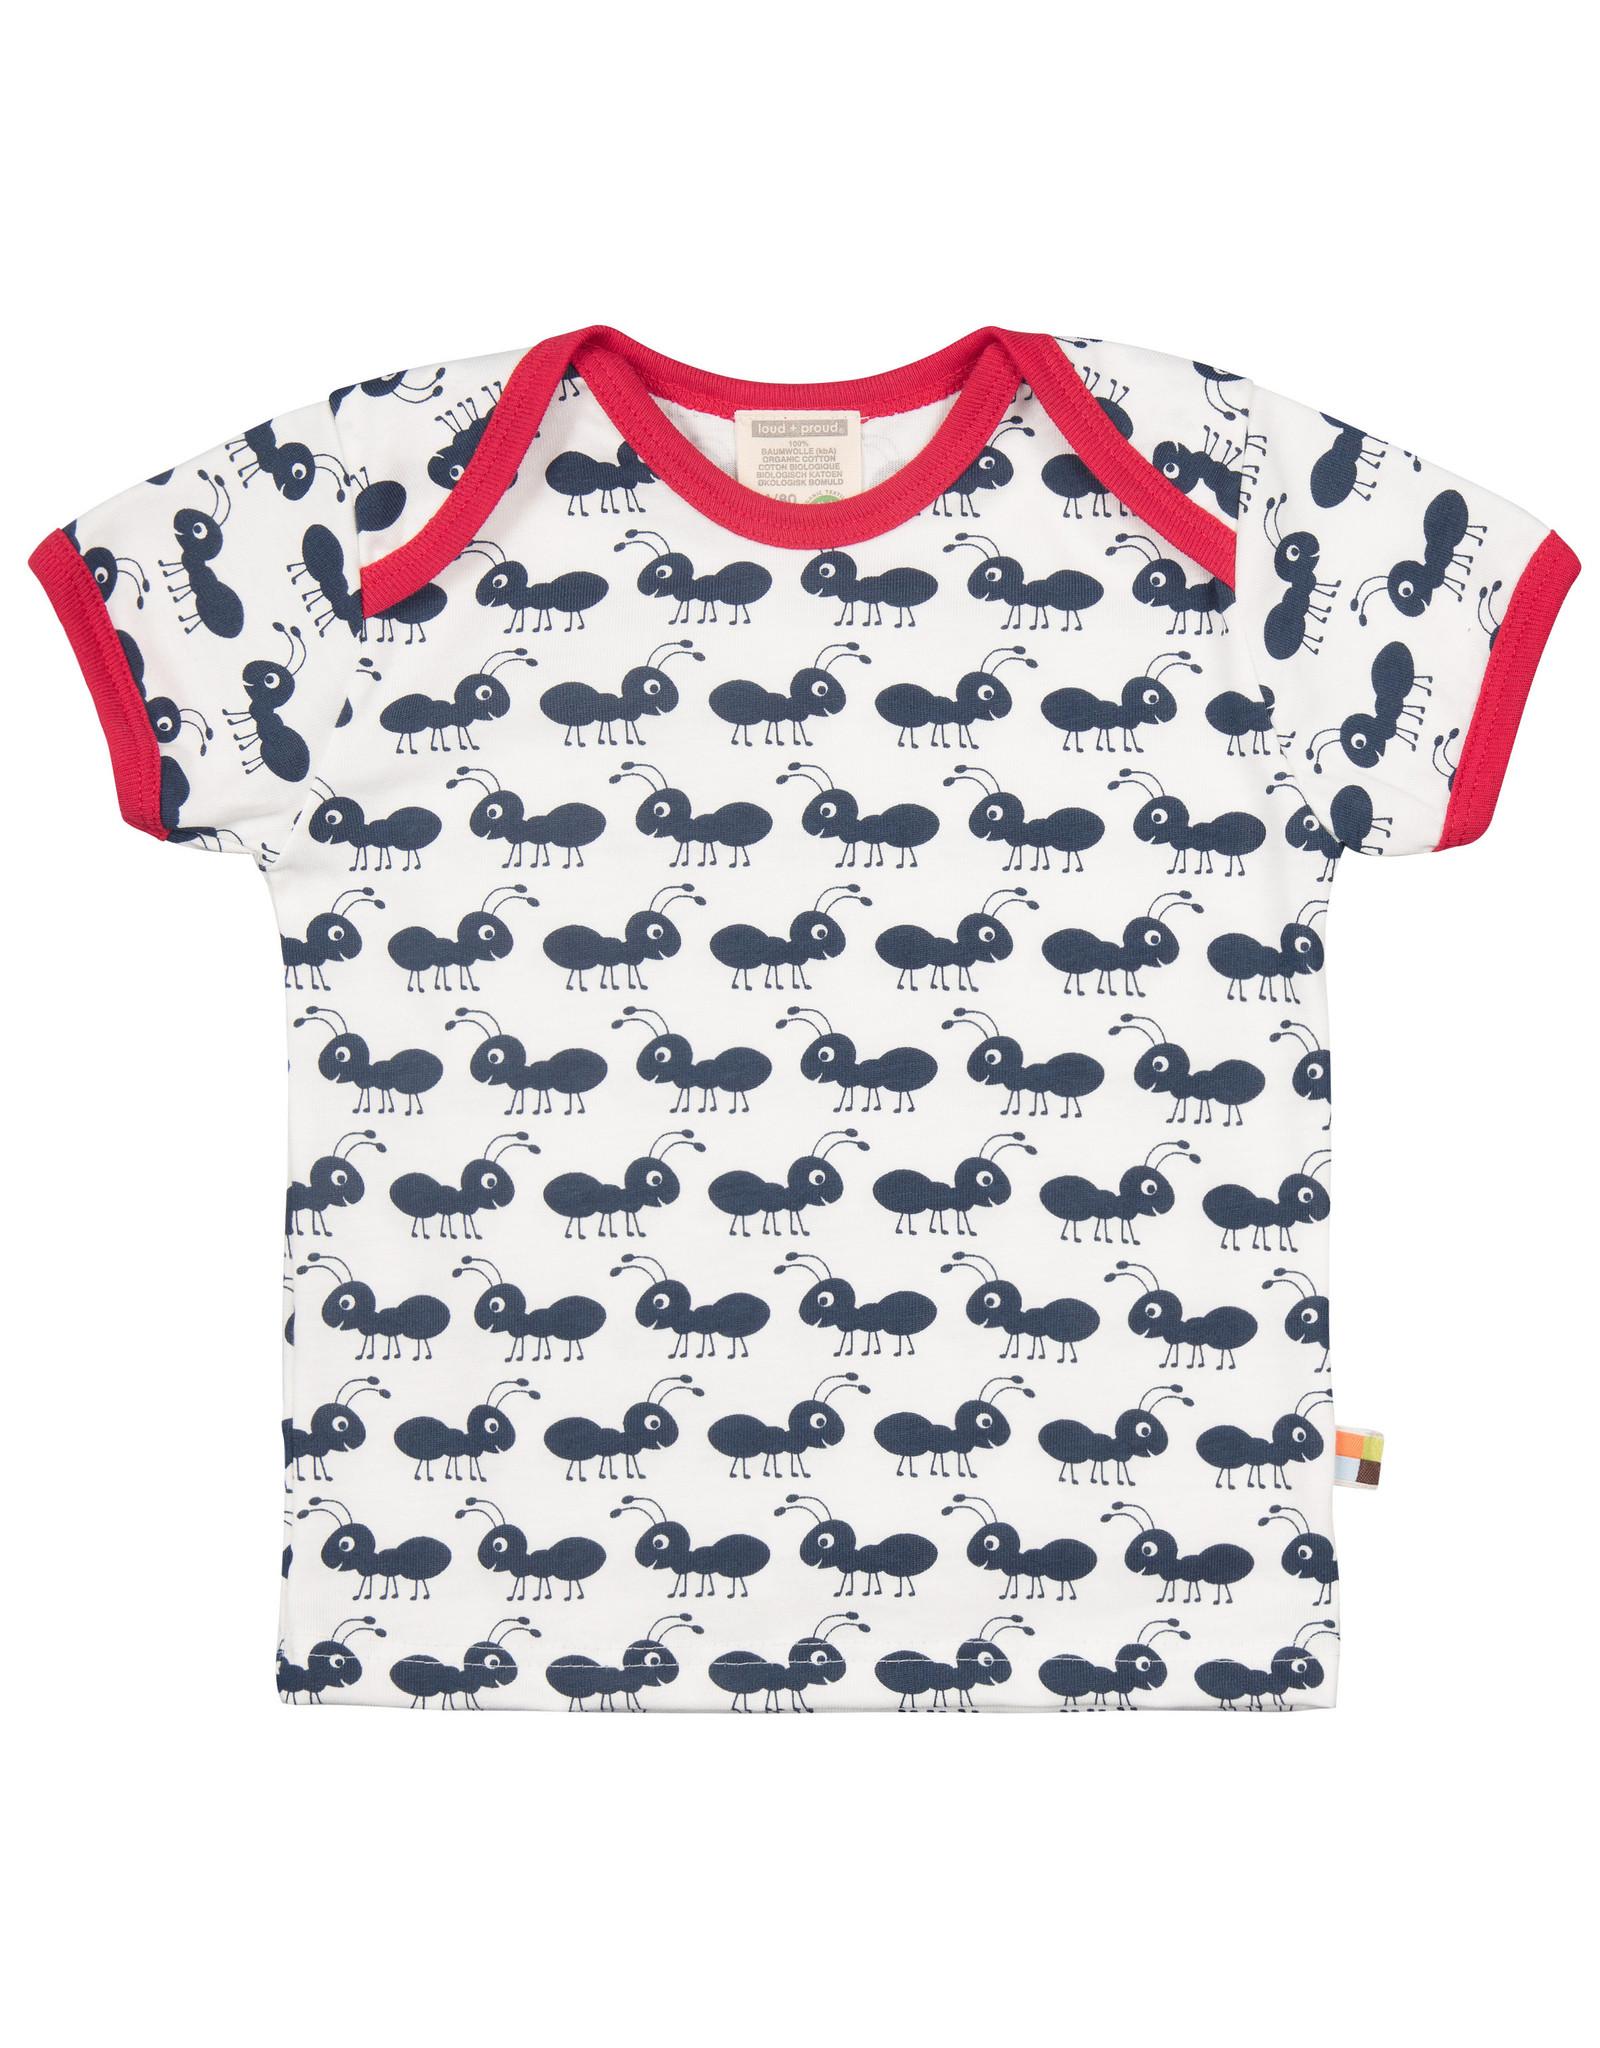 loud+proud Kids t-shirt - blue ants